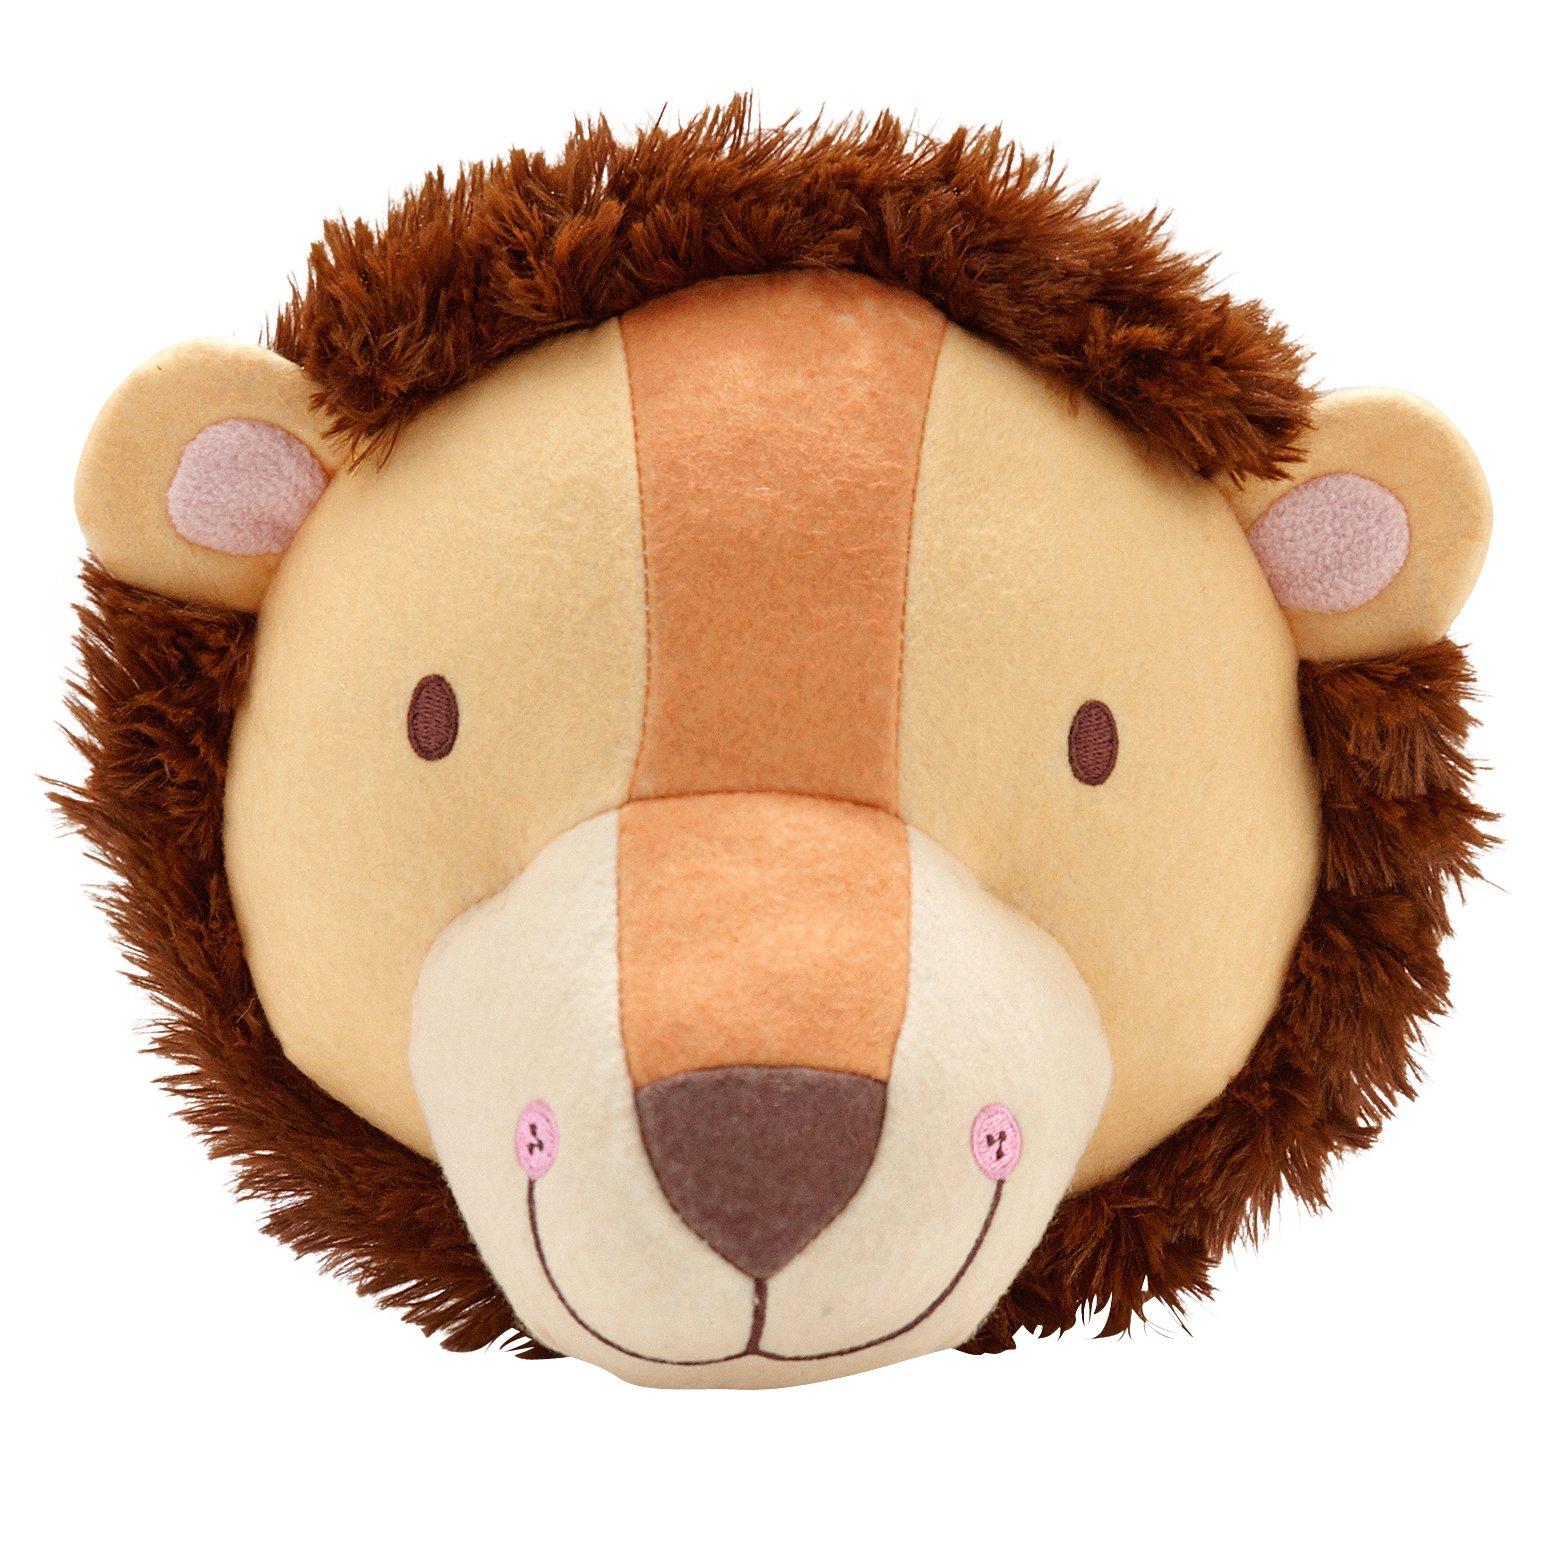 Amazon.com : Little Love by NoJo Plush Head Nursery Wall Decor, Deer ...